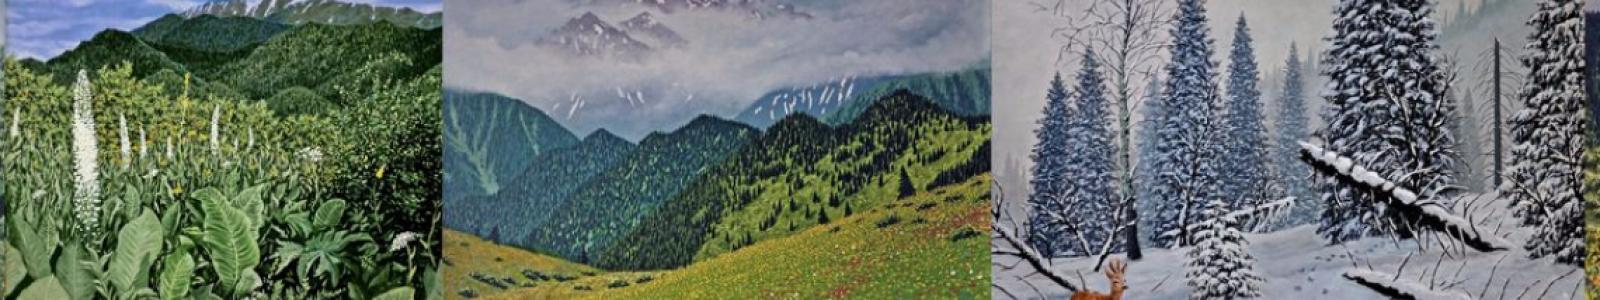 Gallery Painter Alexandr Babkin